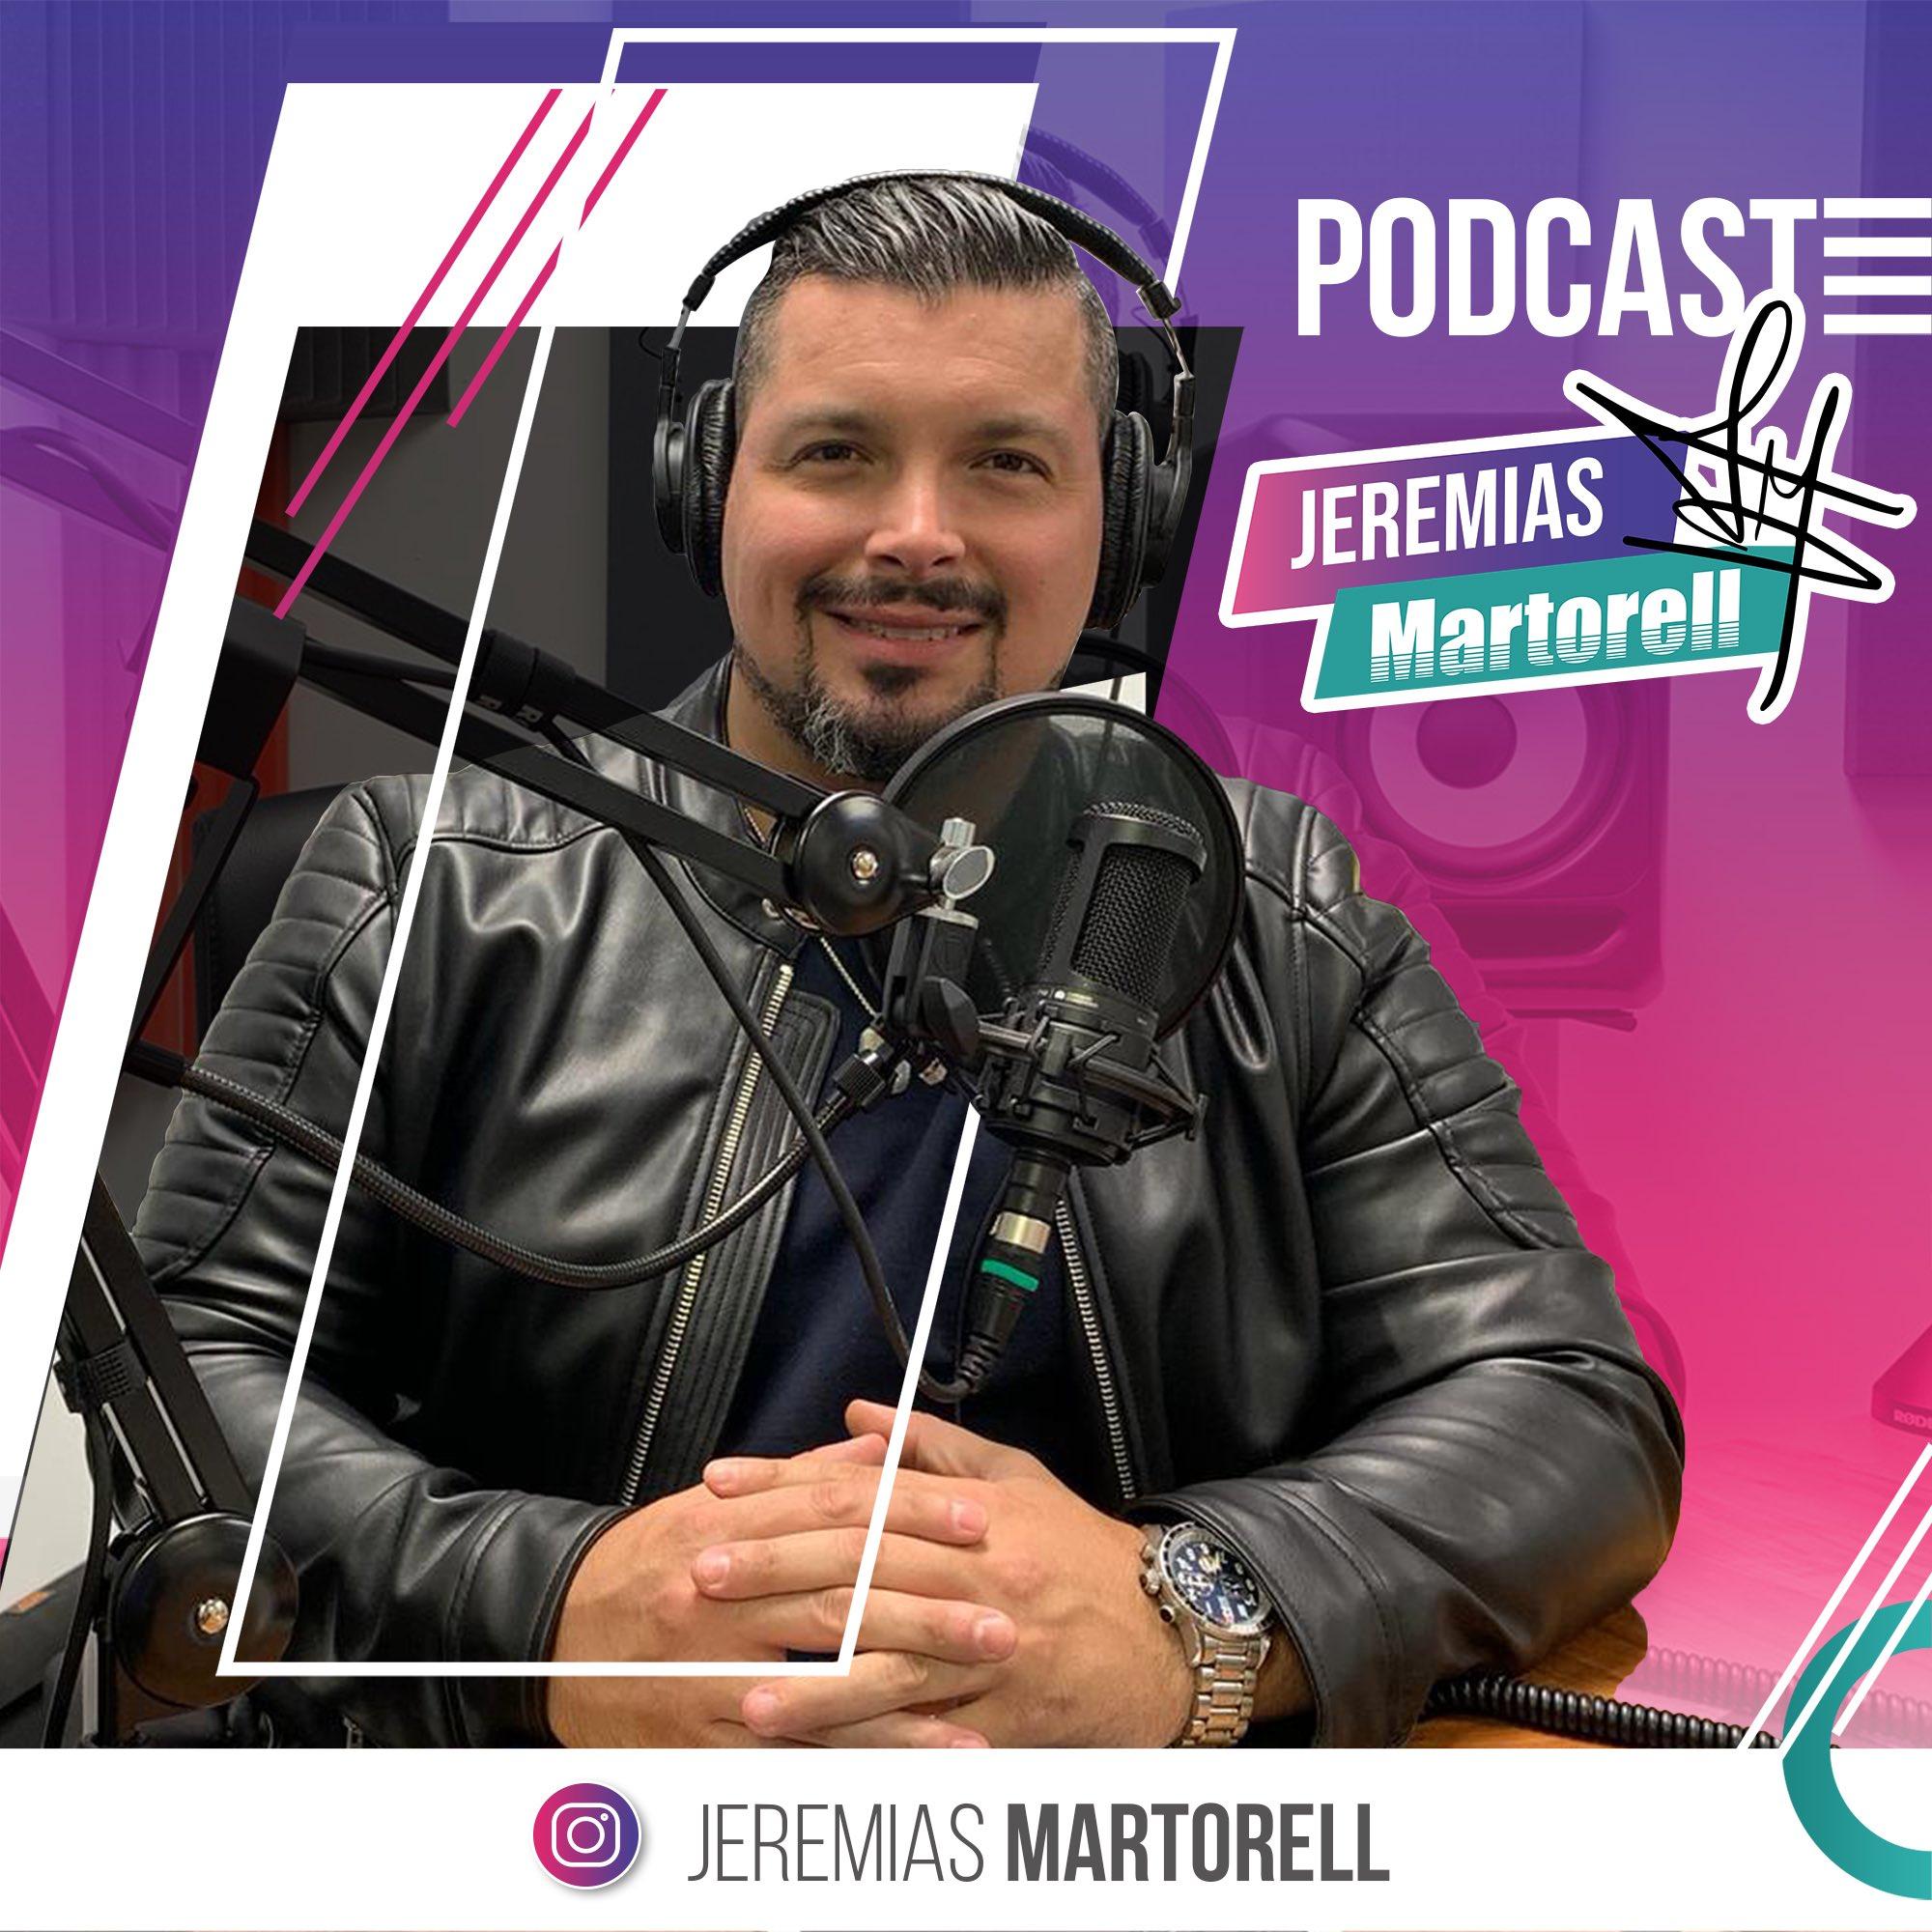 Artwork for Maria Laya, presidenta de los Premios Mara, en el podcast en vivo con Jeremias Martorell - #22